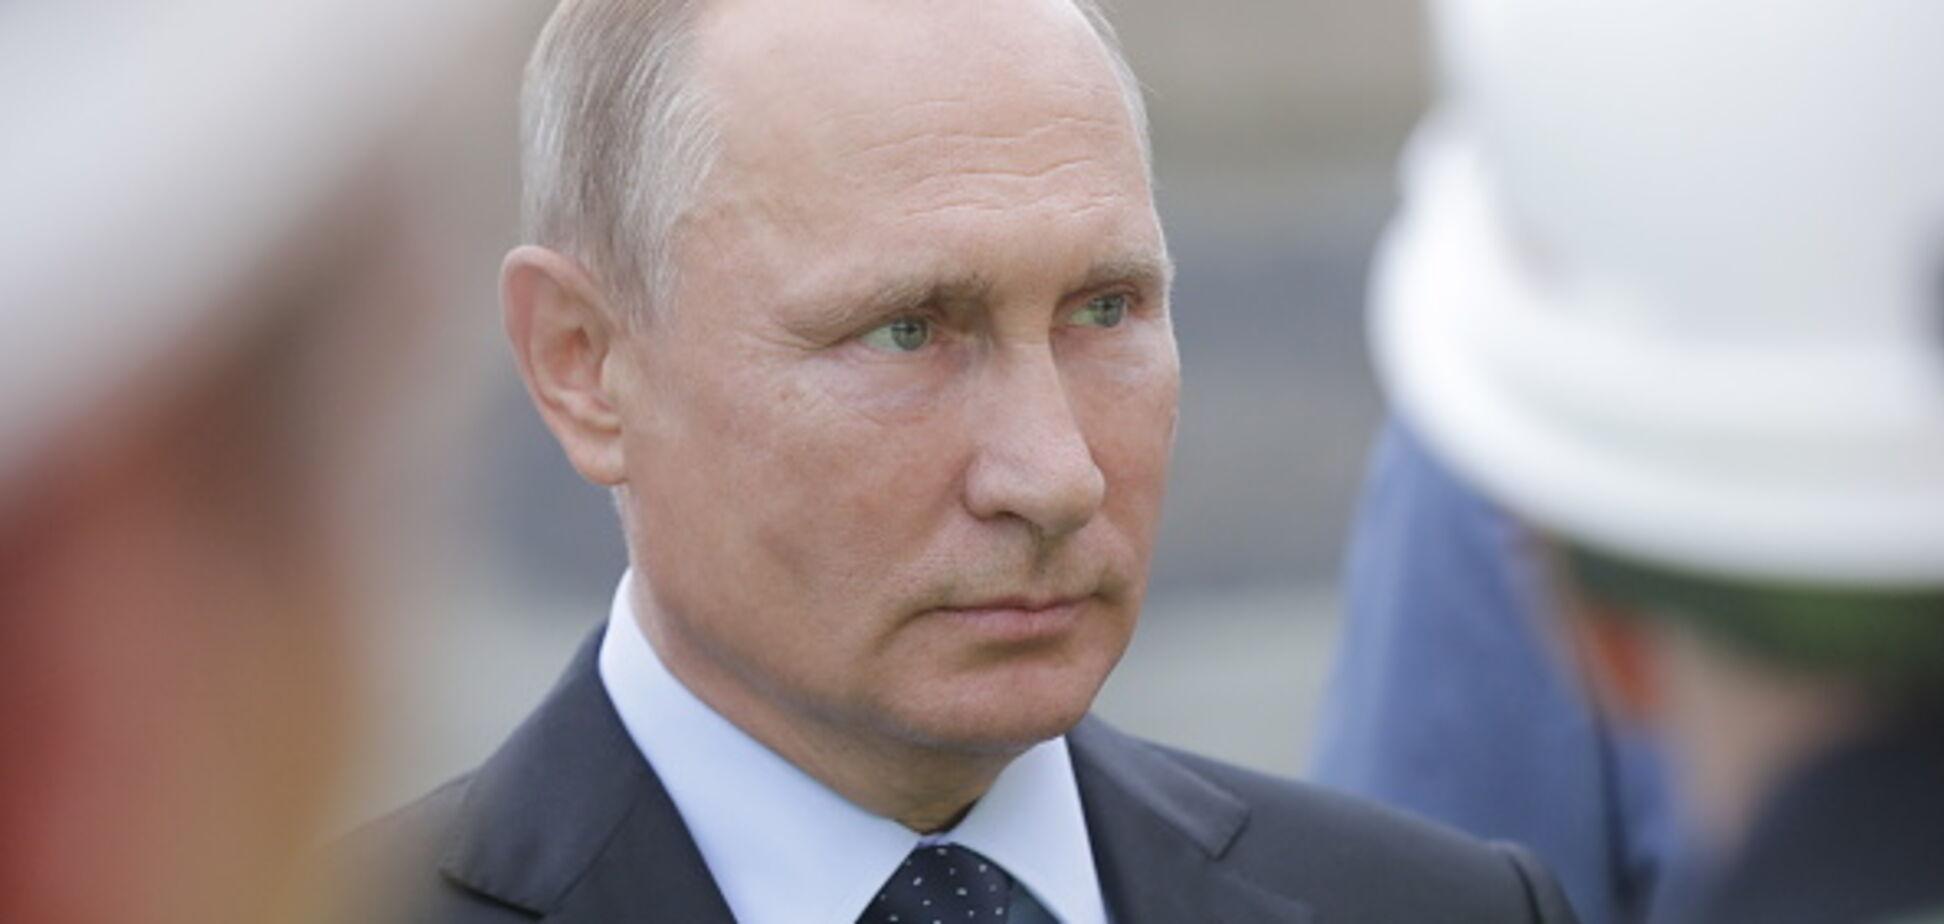 'Україна напала на Донбас': журналіст розповів, як в Німеччині 'лягли' під Путіна